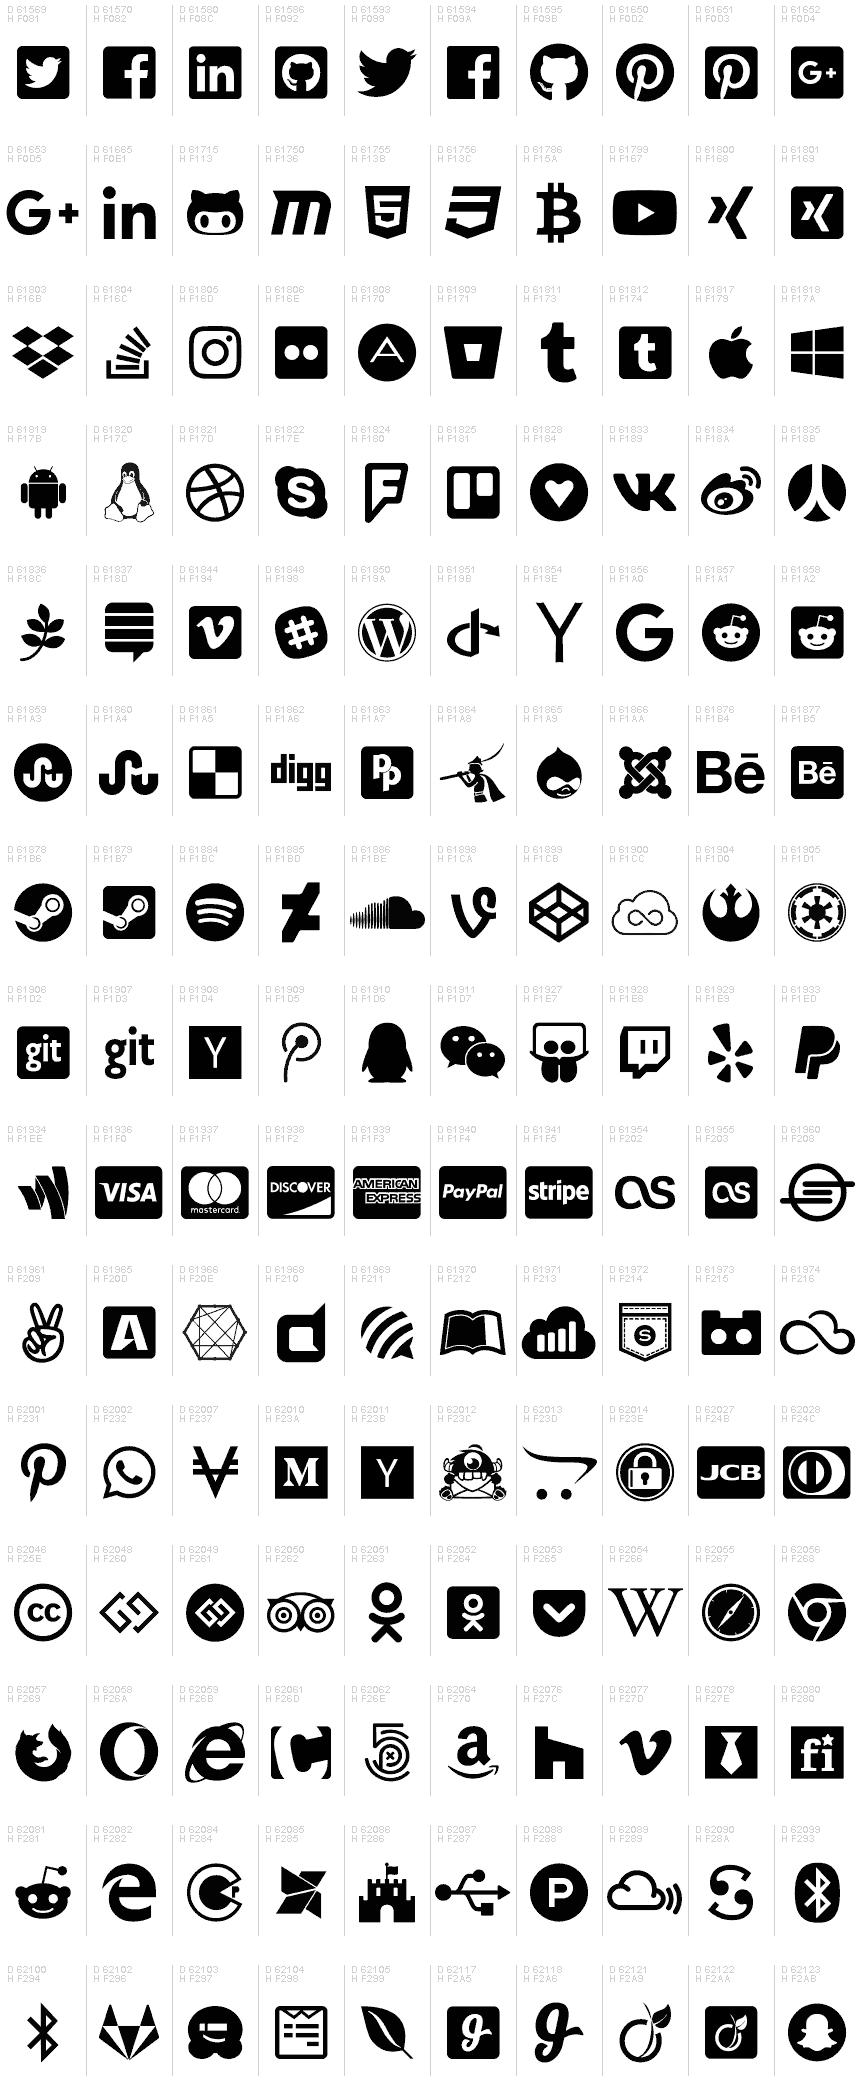 Font Awesome 5 Brands Regular font